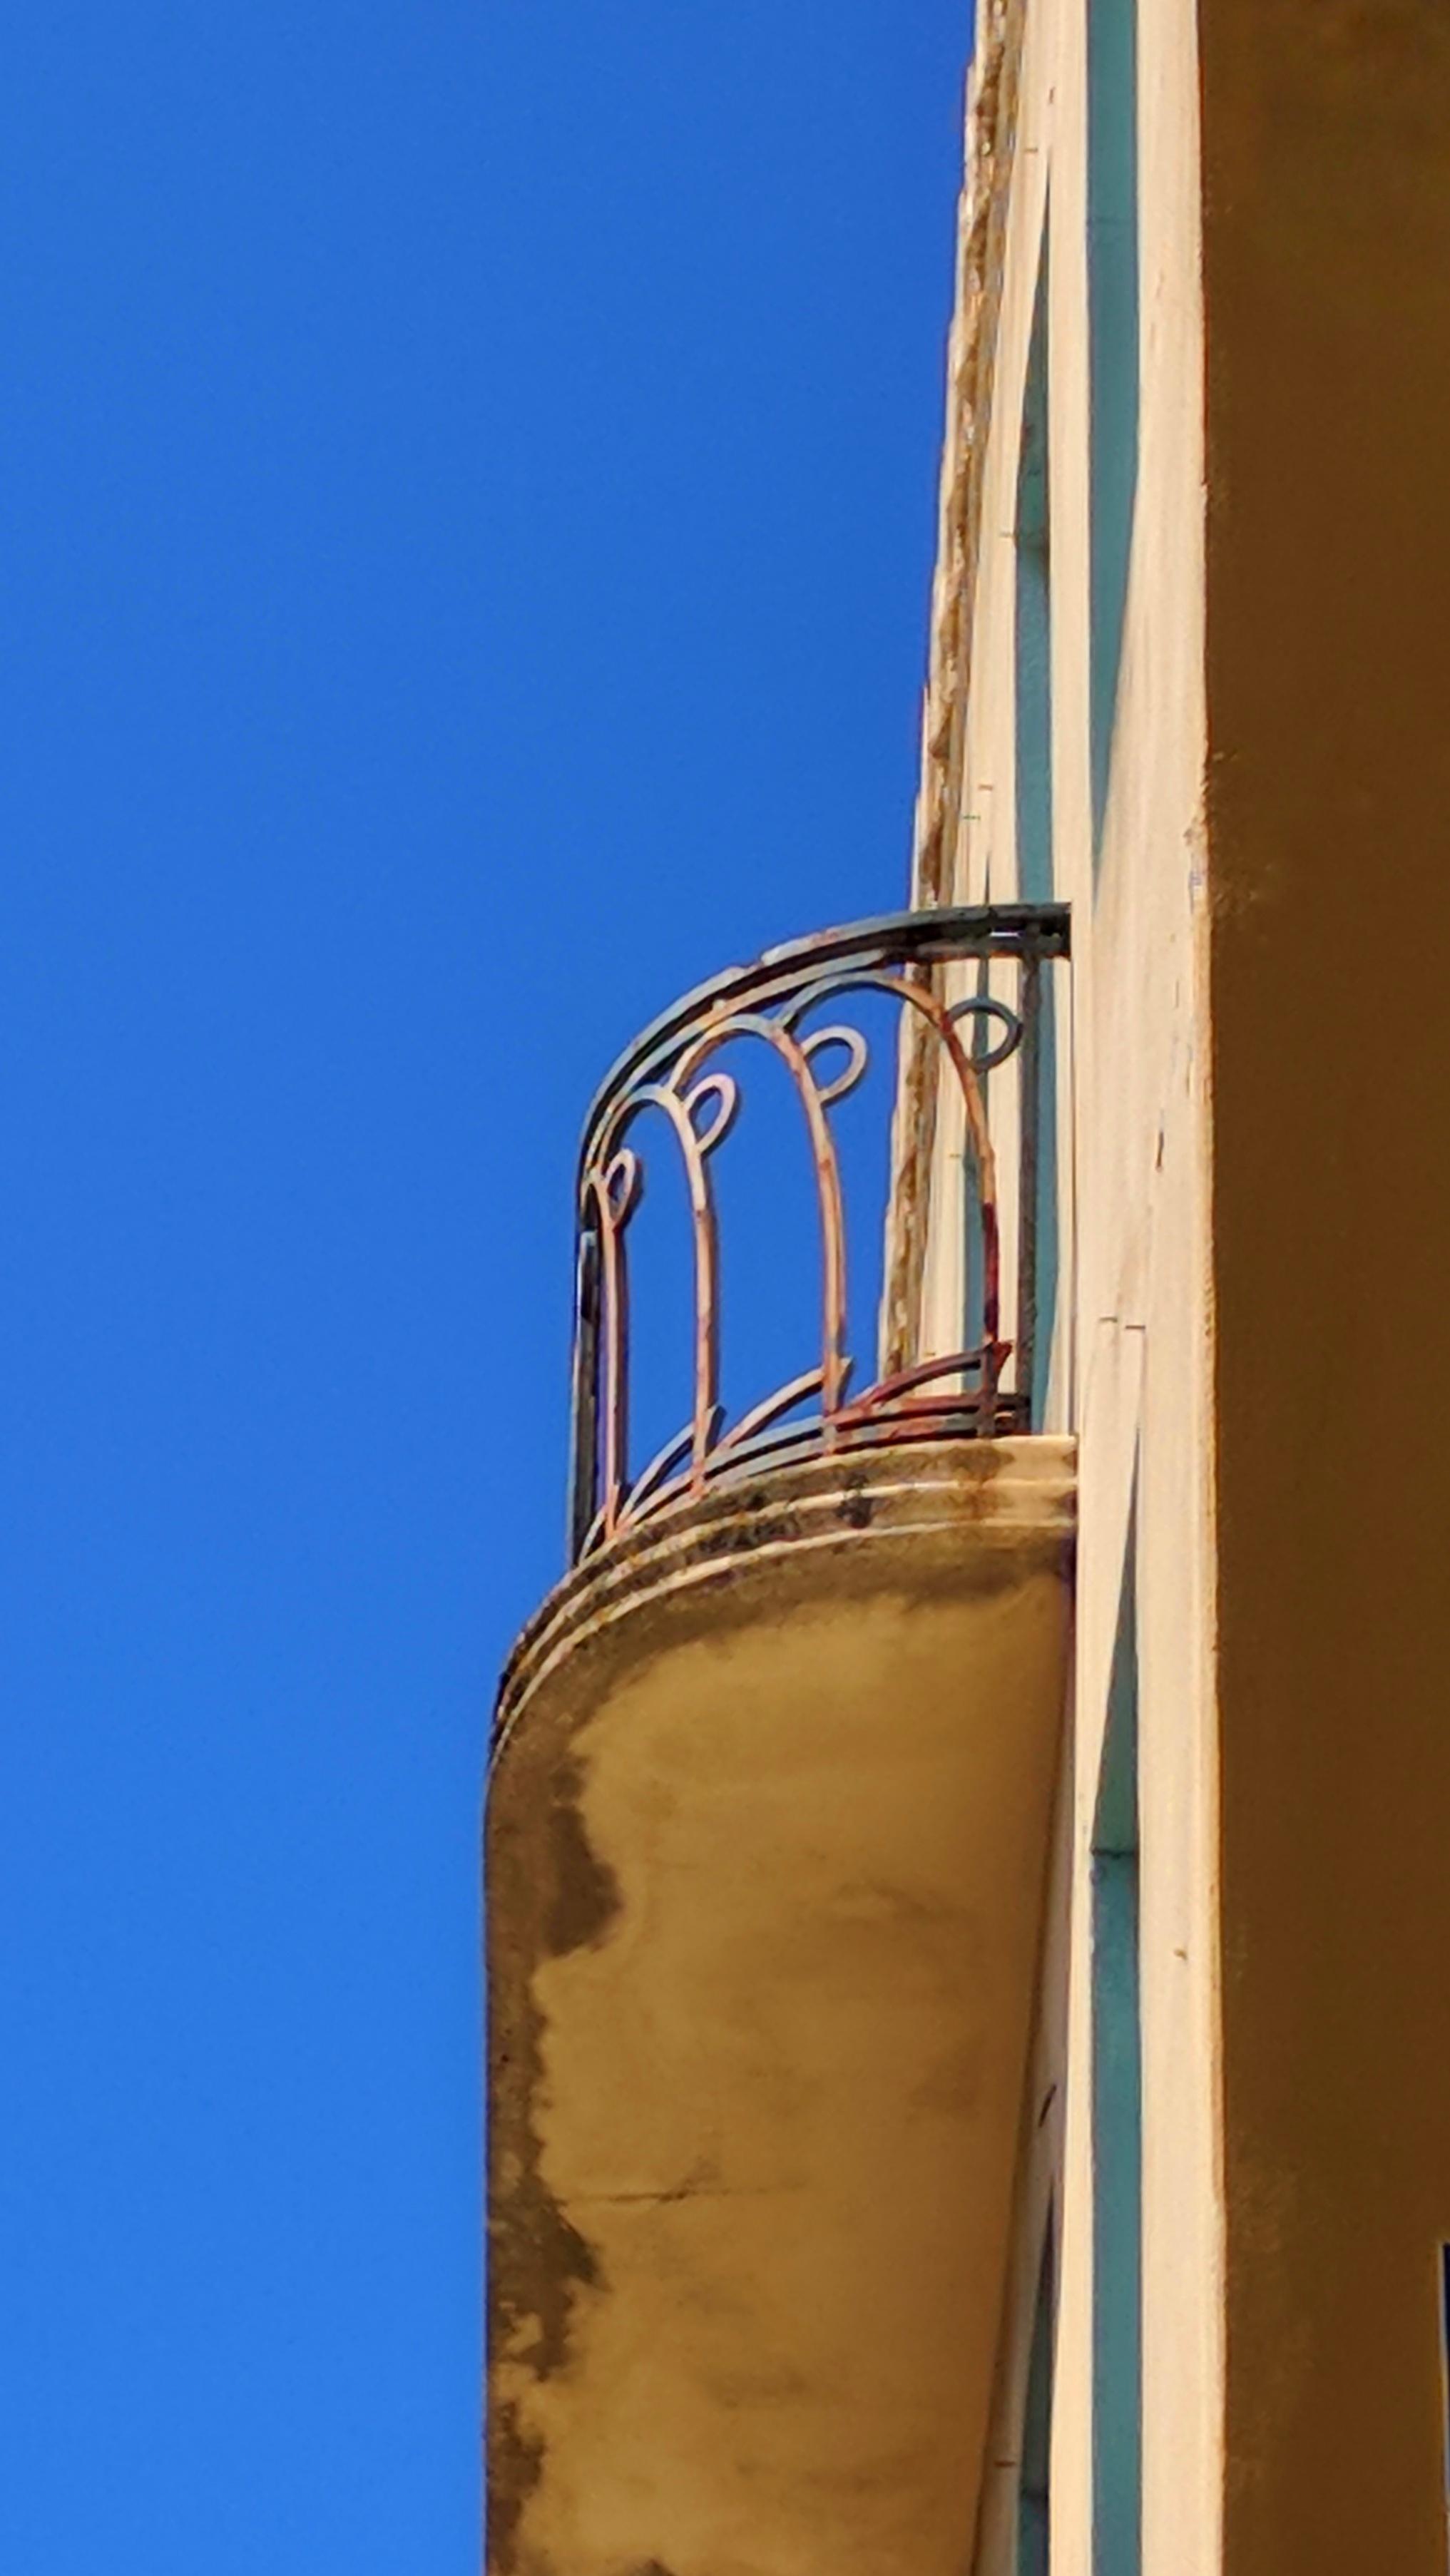 Building balcony against a clear blue sky